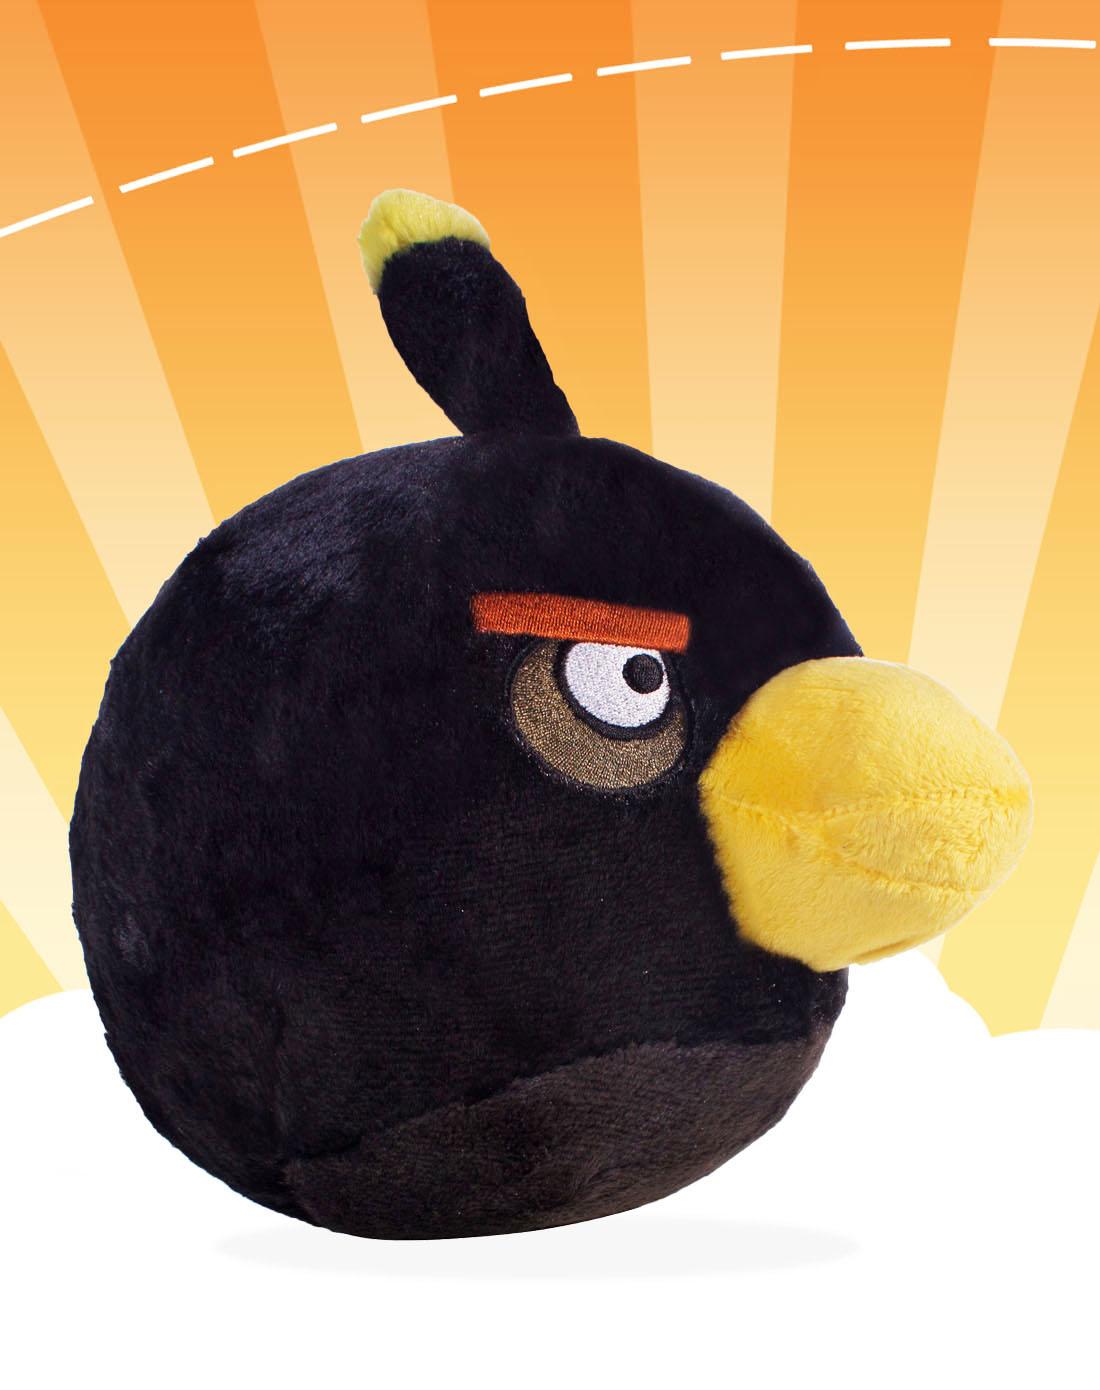 愤怒的小鸟黑色炸弹鸟毛绒公仔